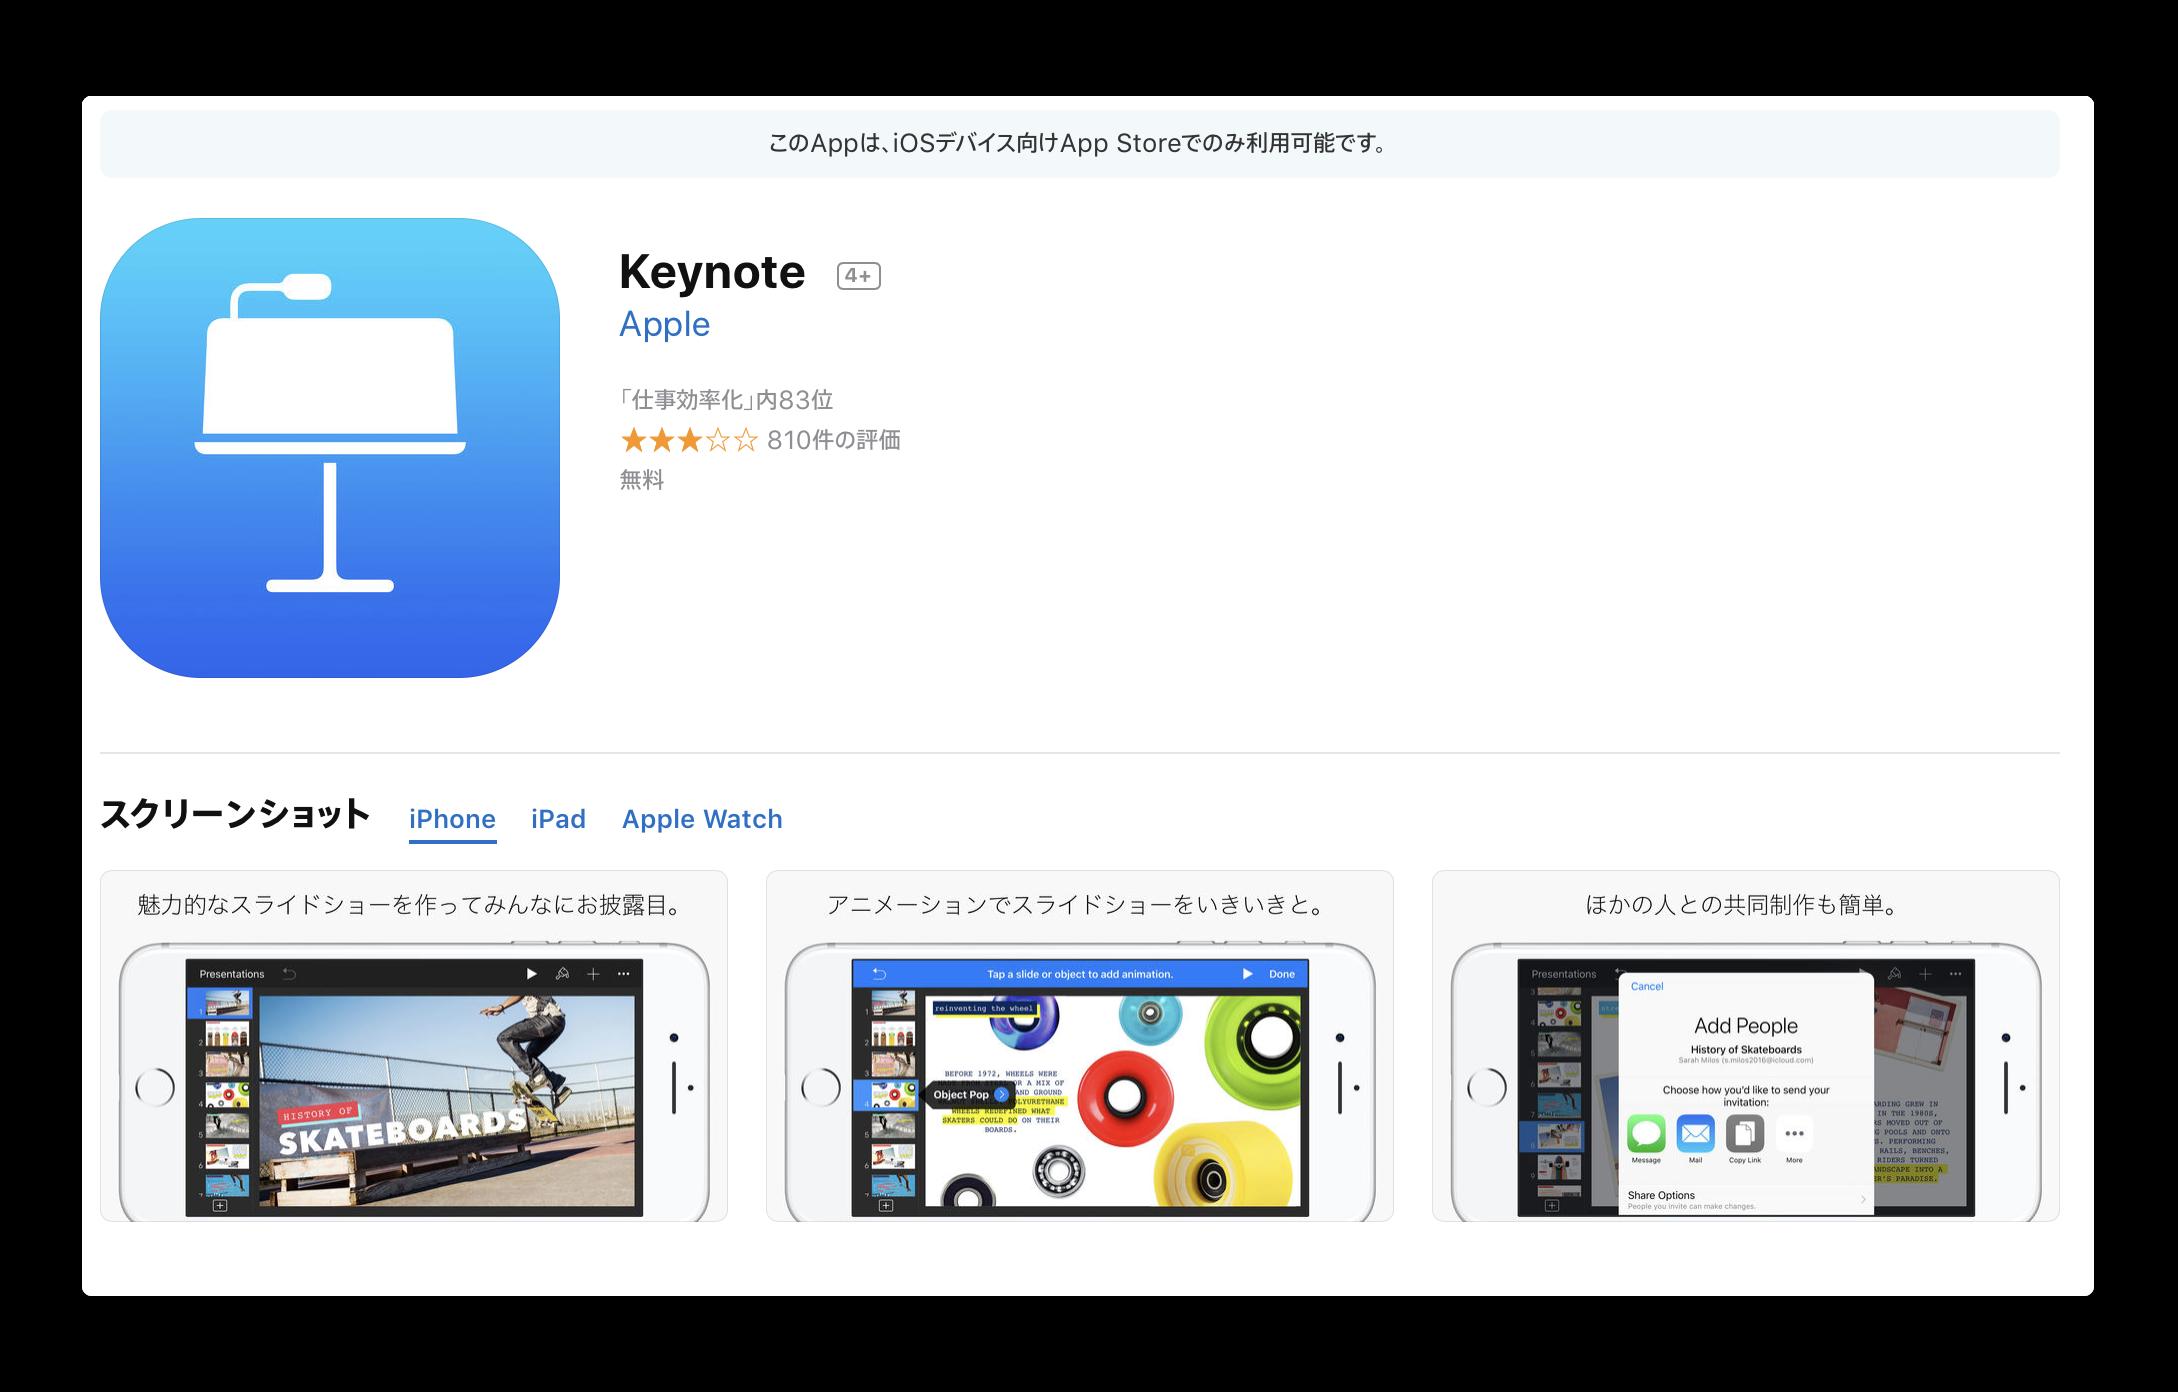 Apple、App StoreのWebインターフェースをiOS風に刷新